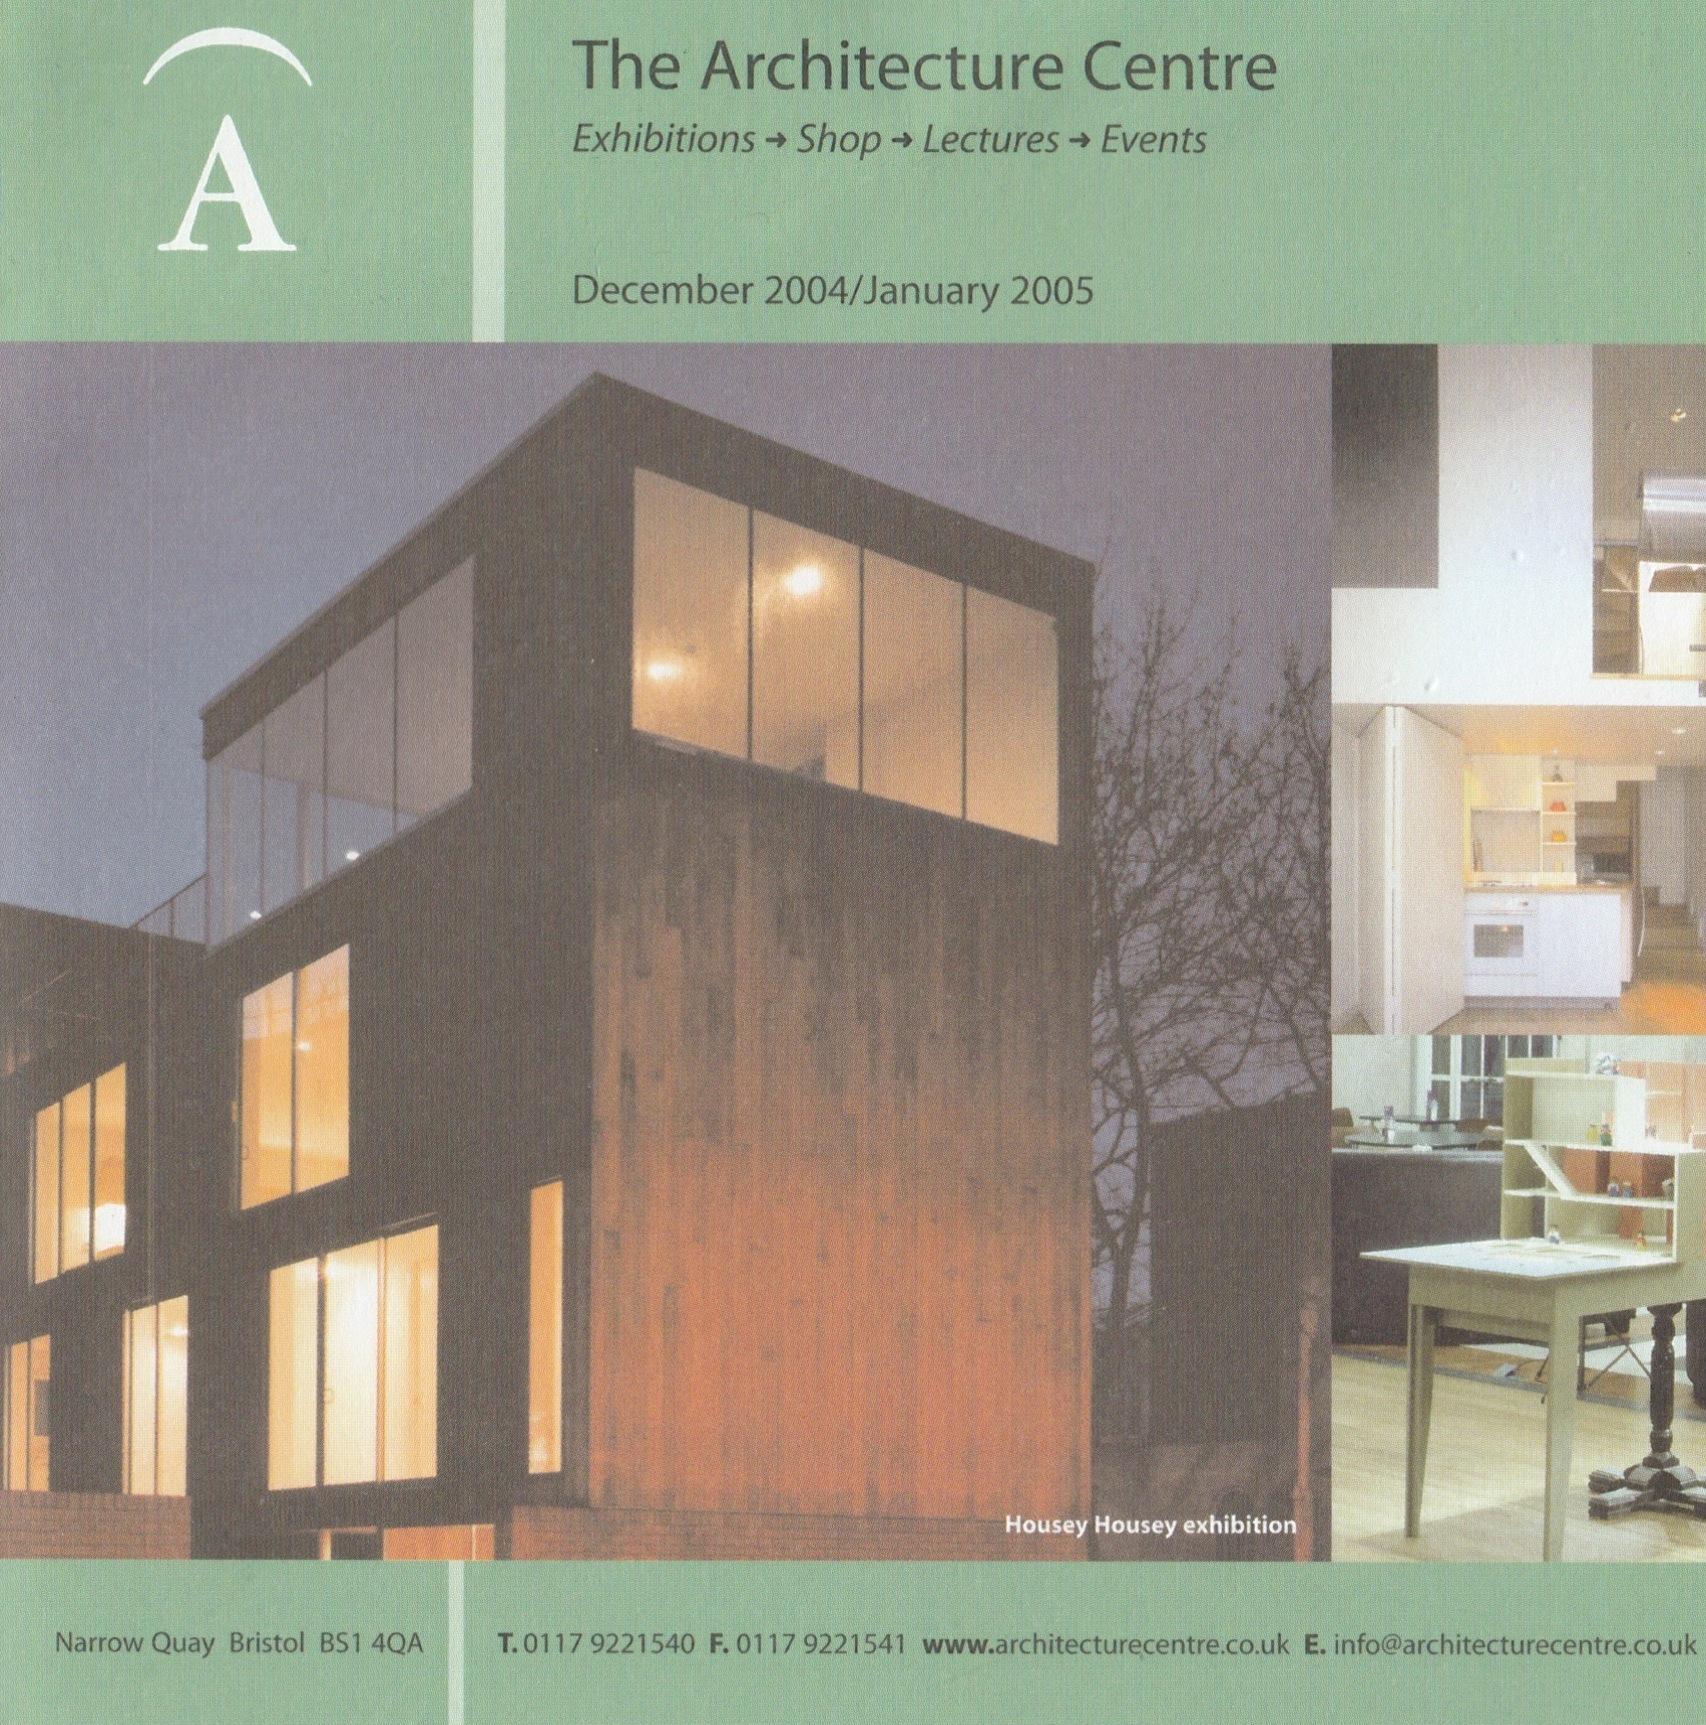 The Architecture Centre 2005